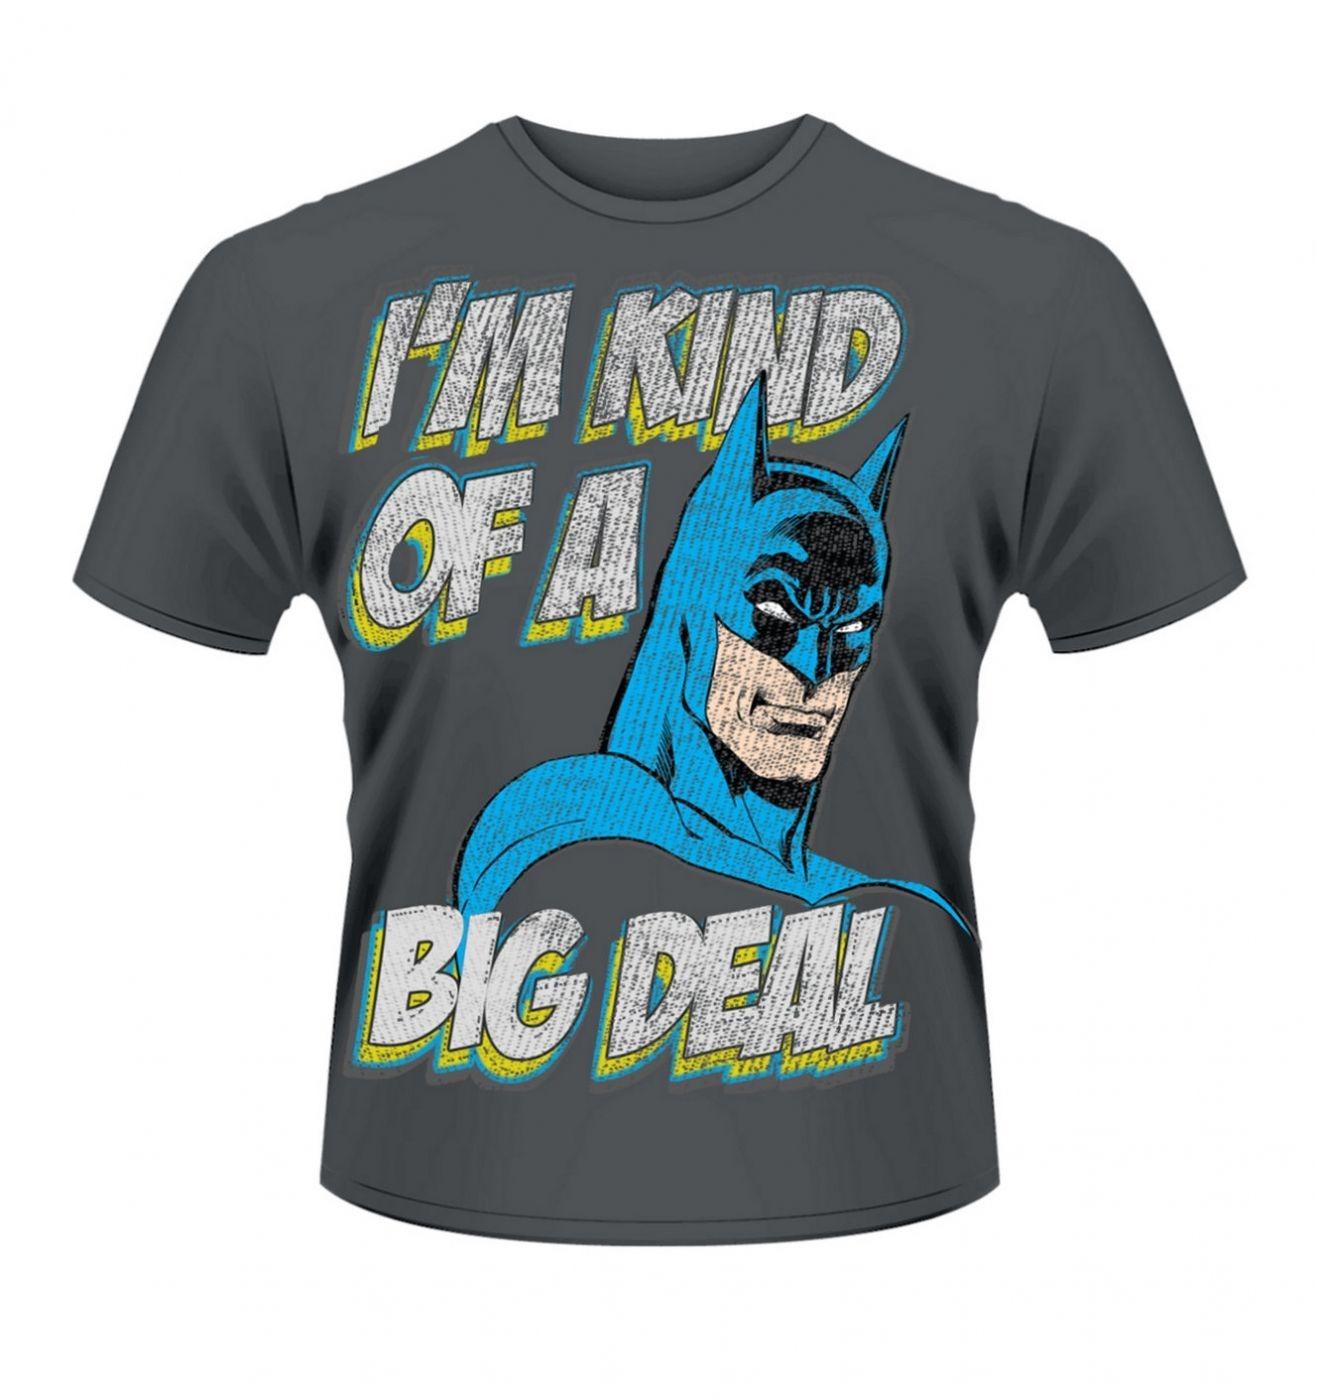 OFFICIAL Batman Big Deal men's t-shirt